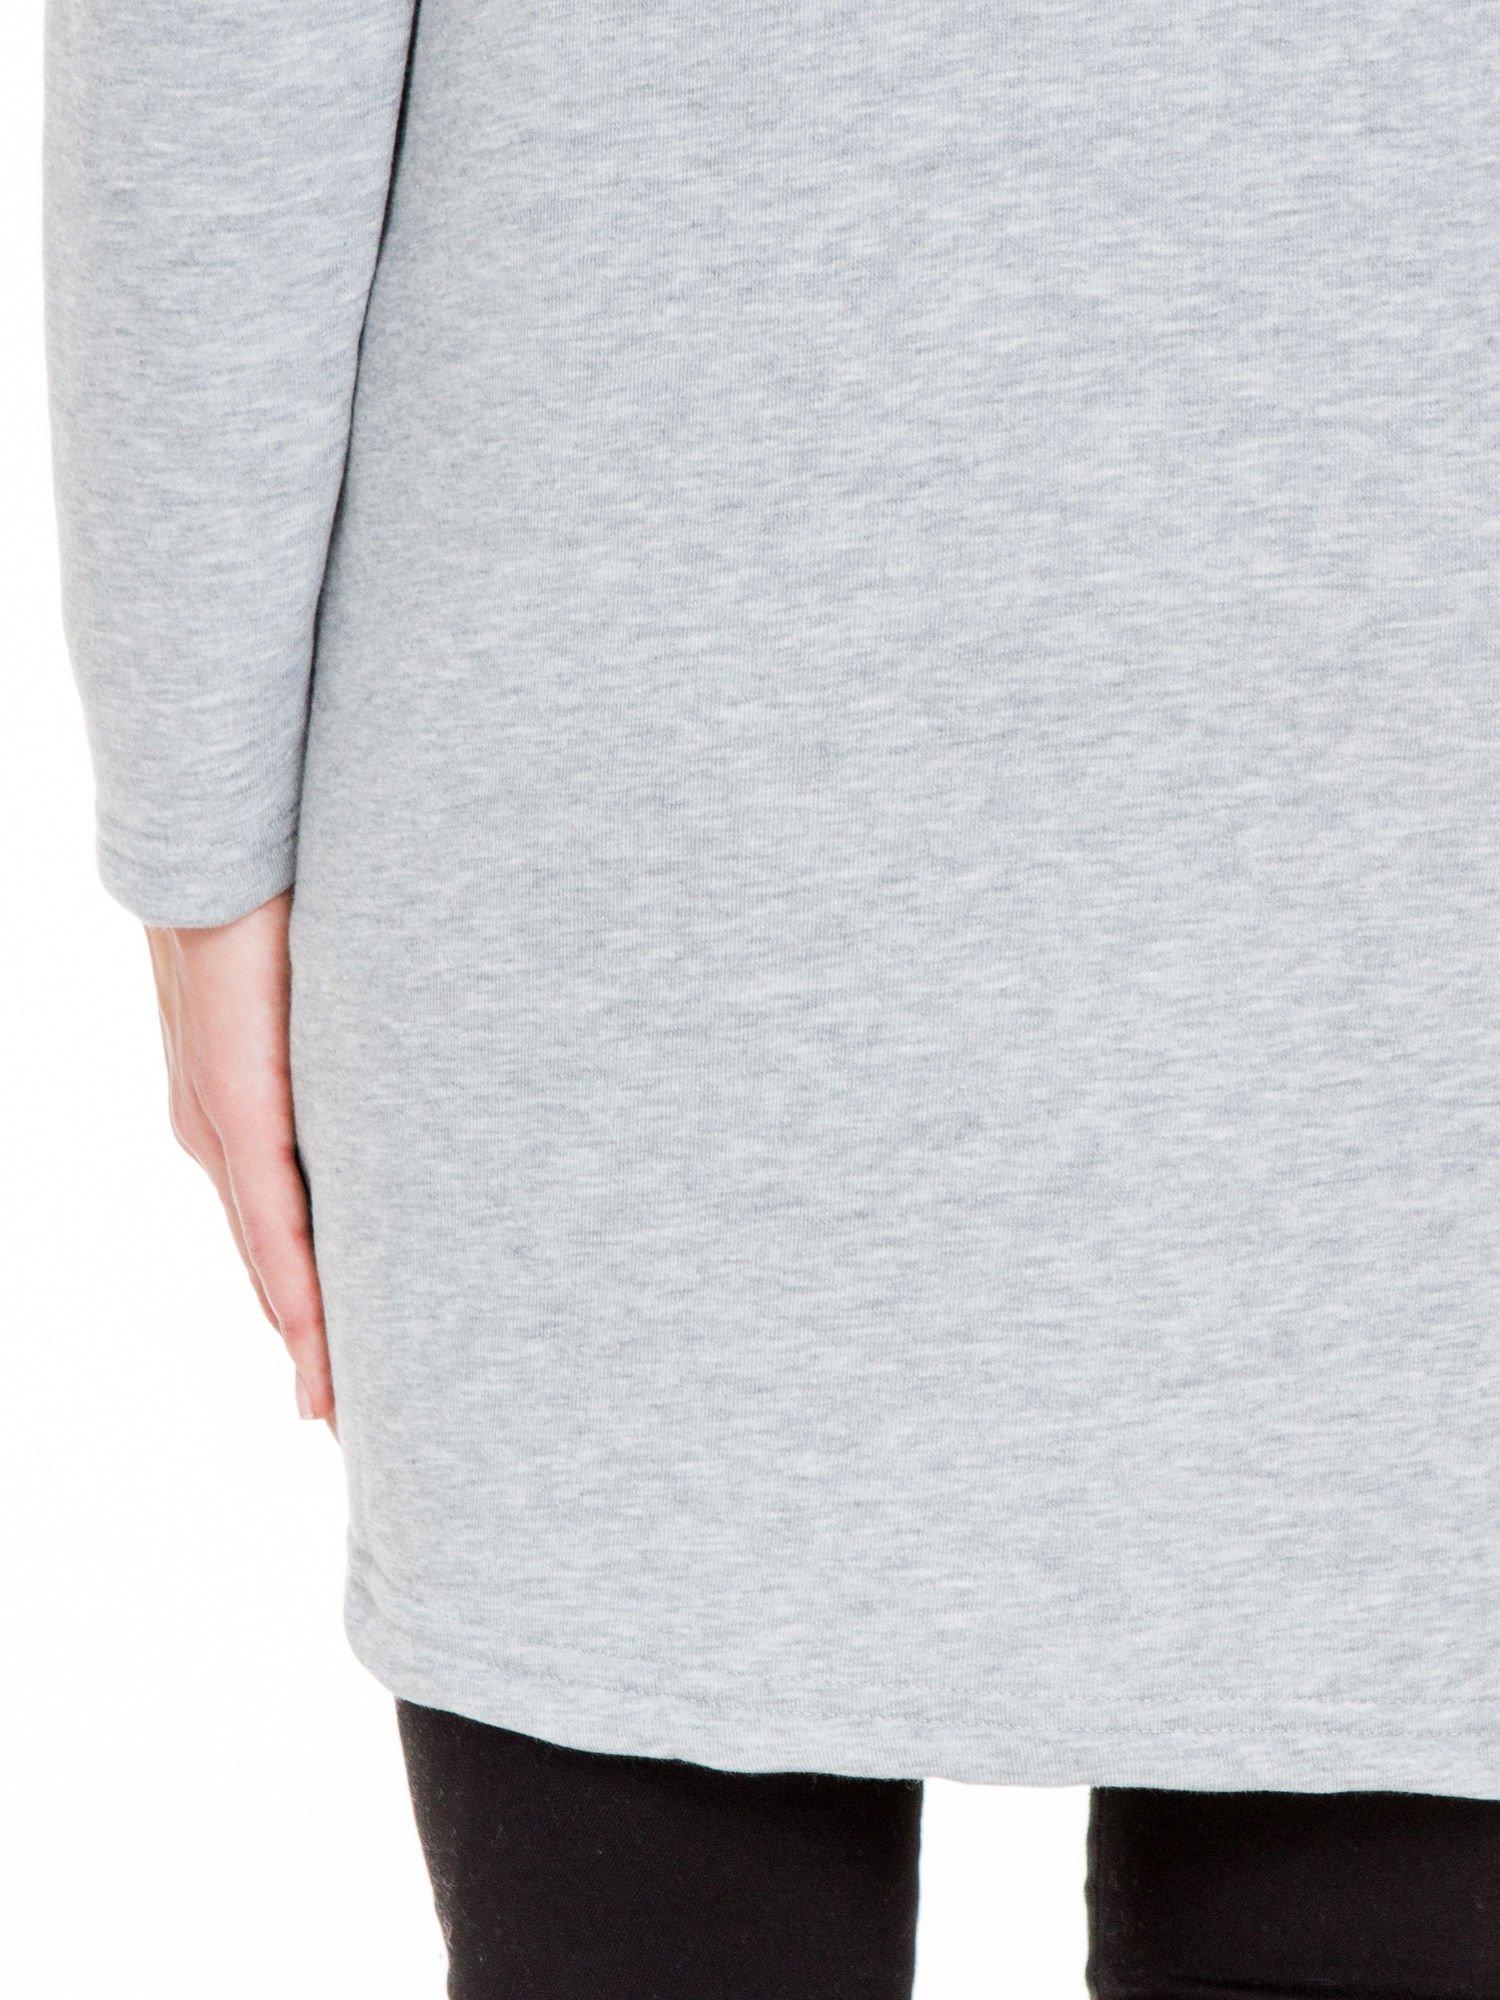 Jasnoszary płaszcz dresowy z kapturem zapinany na napy                                  zdj.                                  10